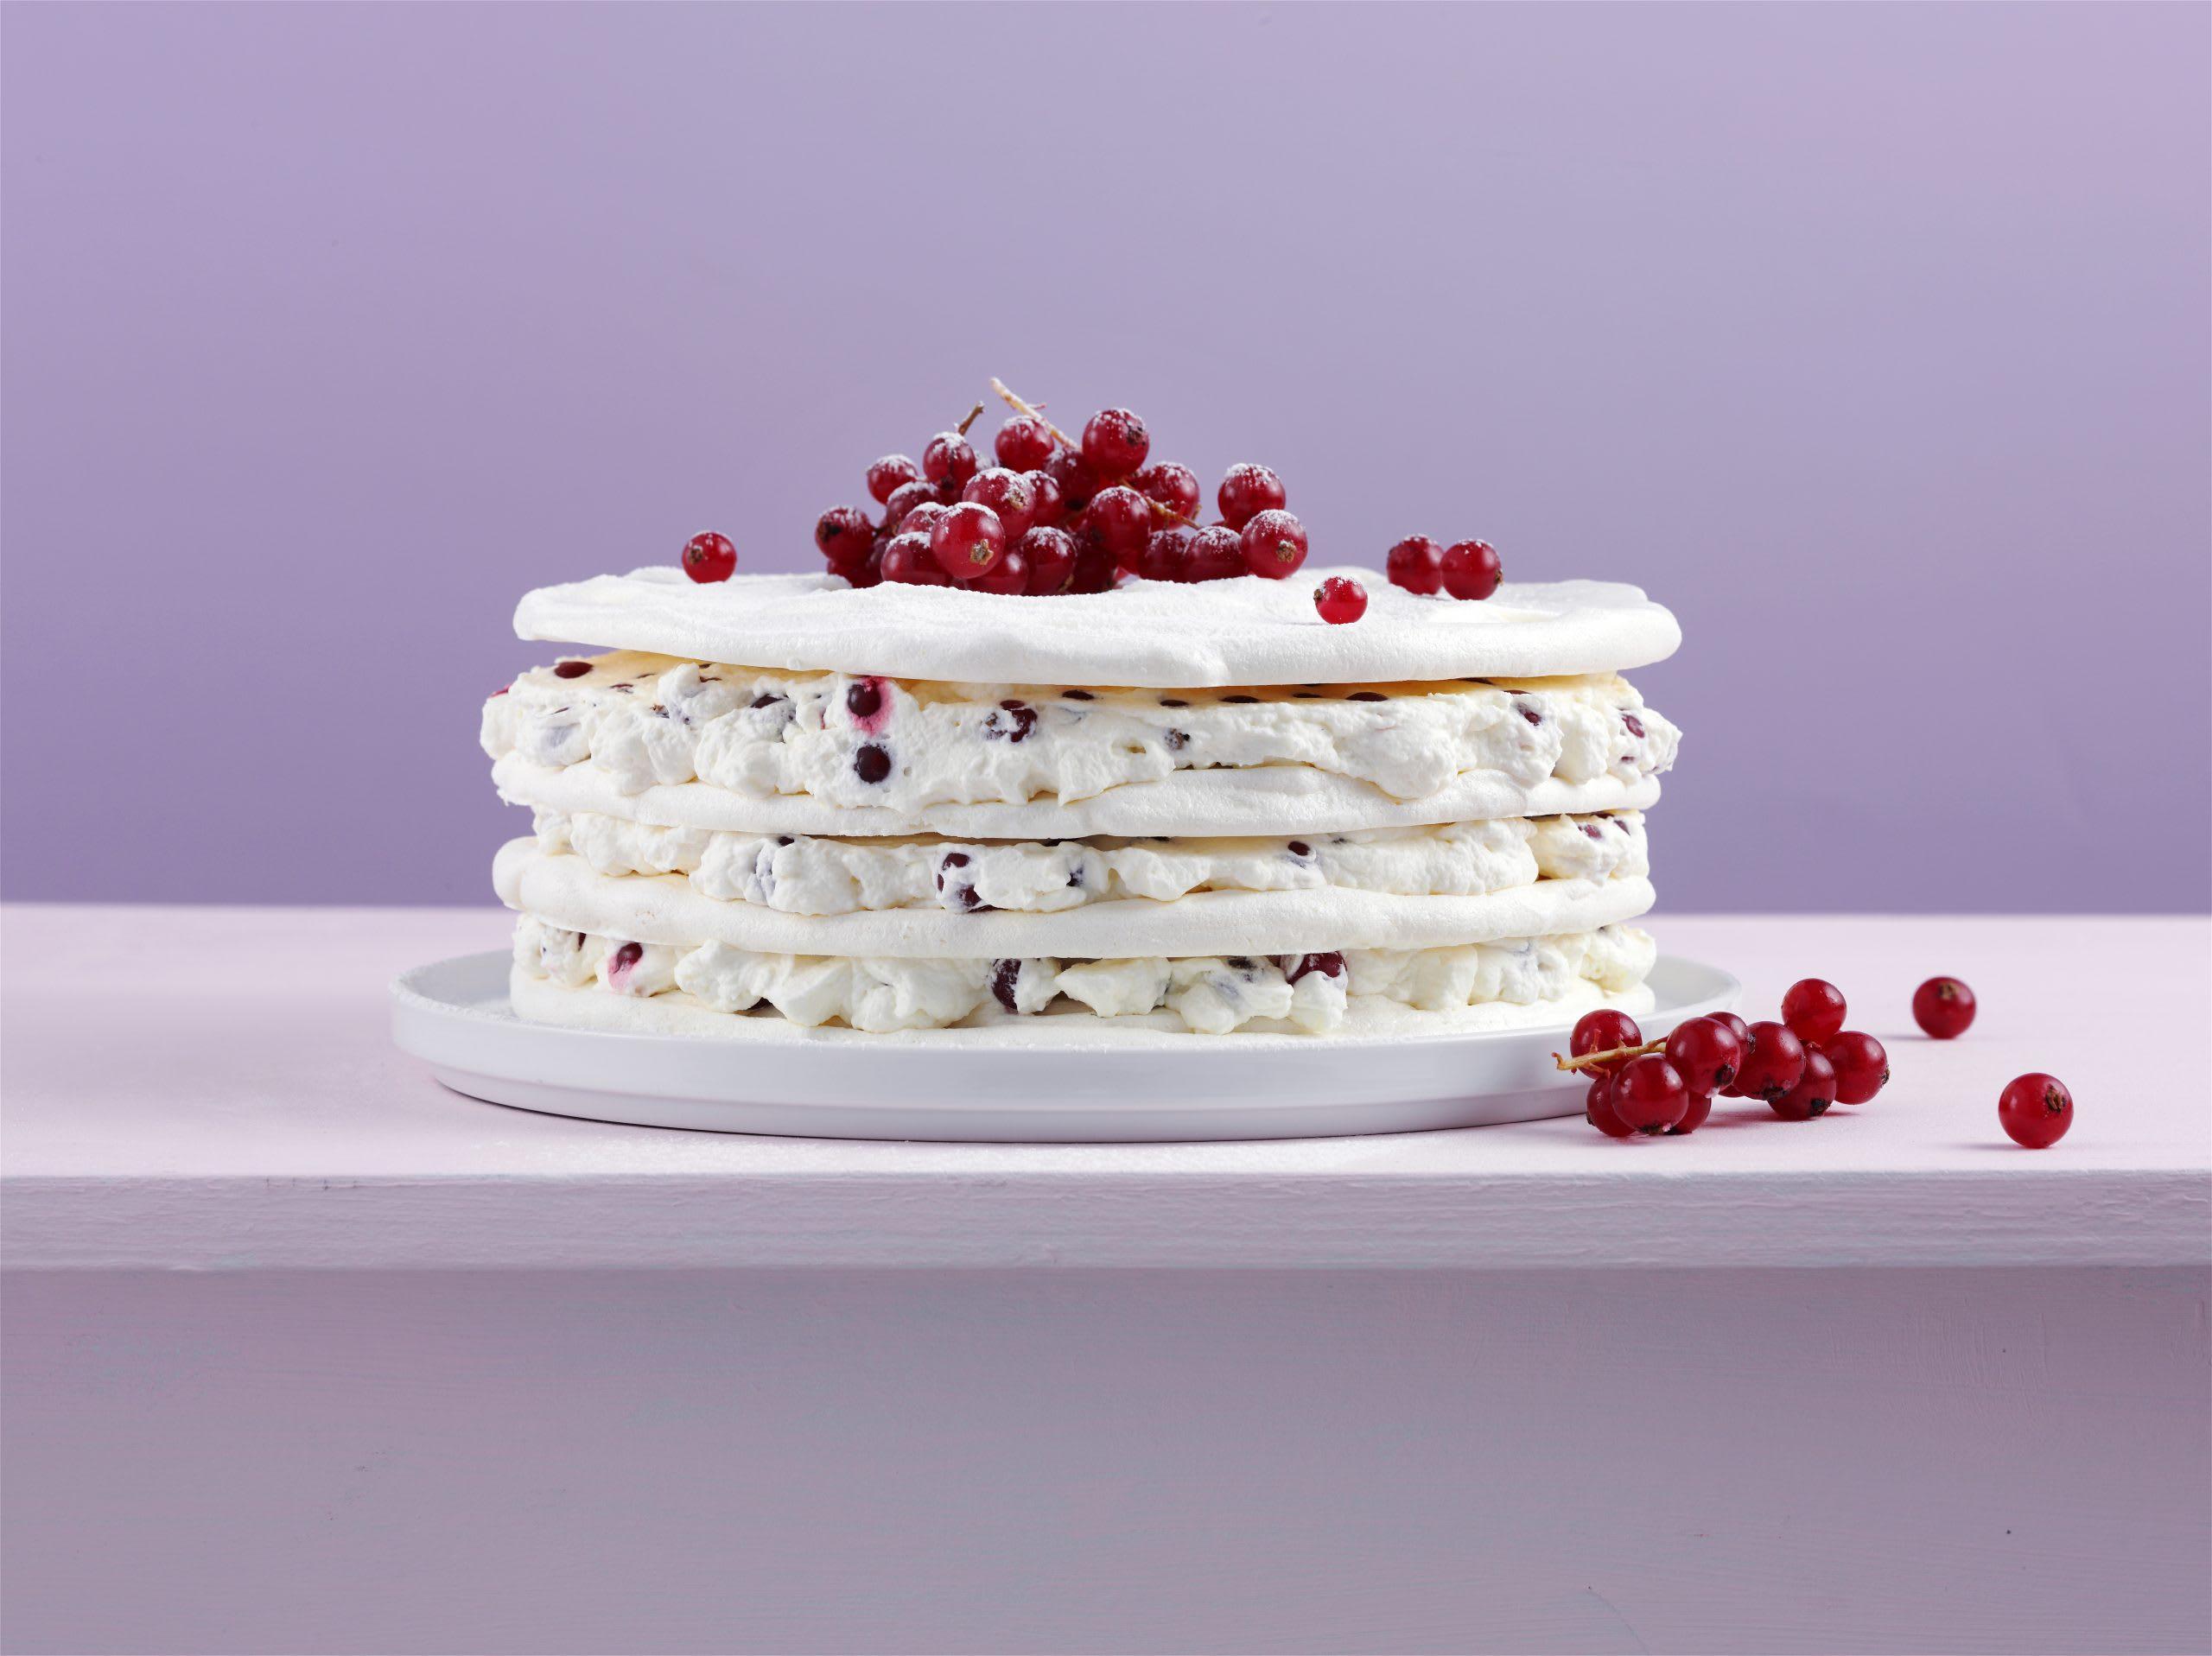 Johannisbeer-Meringue-Torte